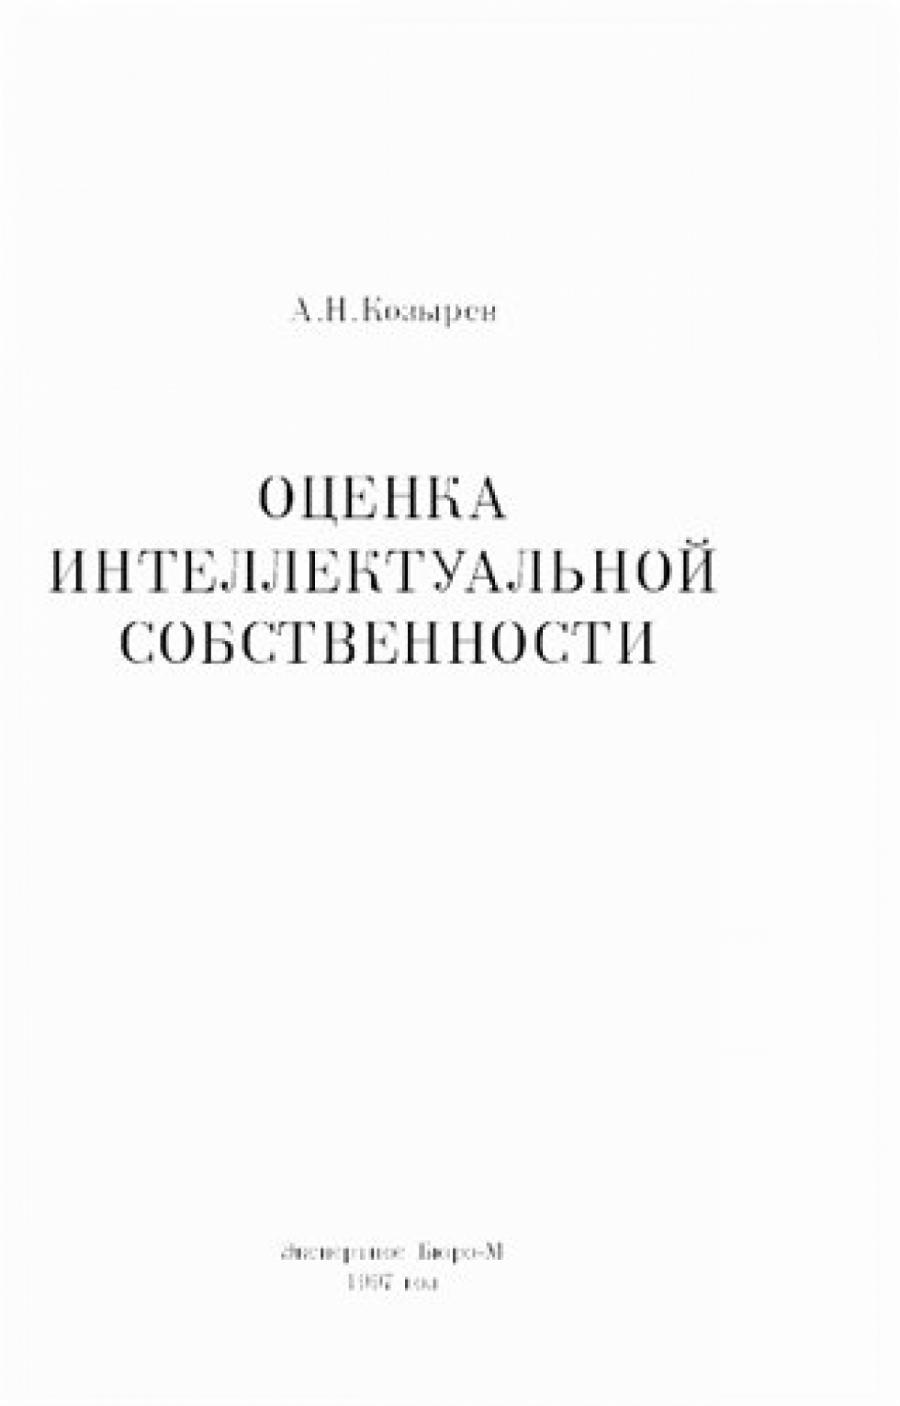 Обложка книги:  а. н. козырев - оценка интеллектуальной собственности